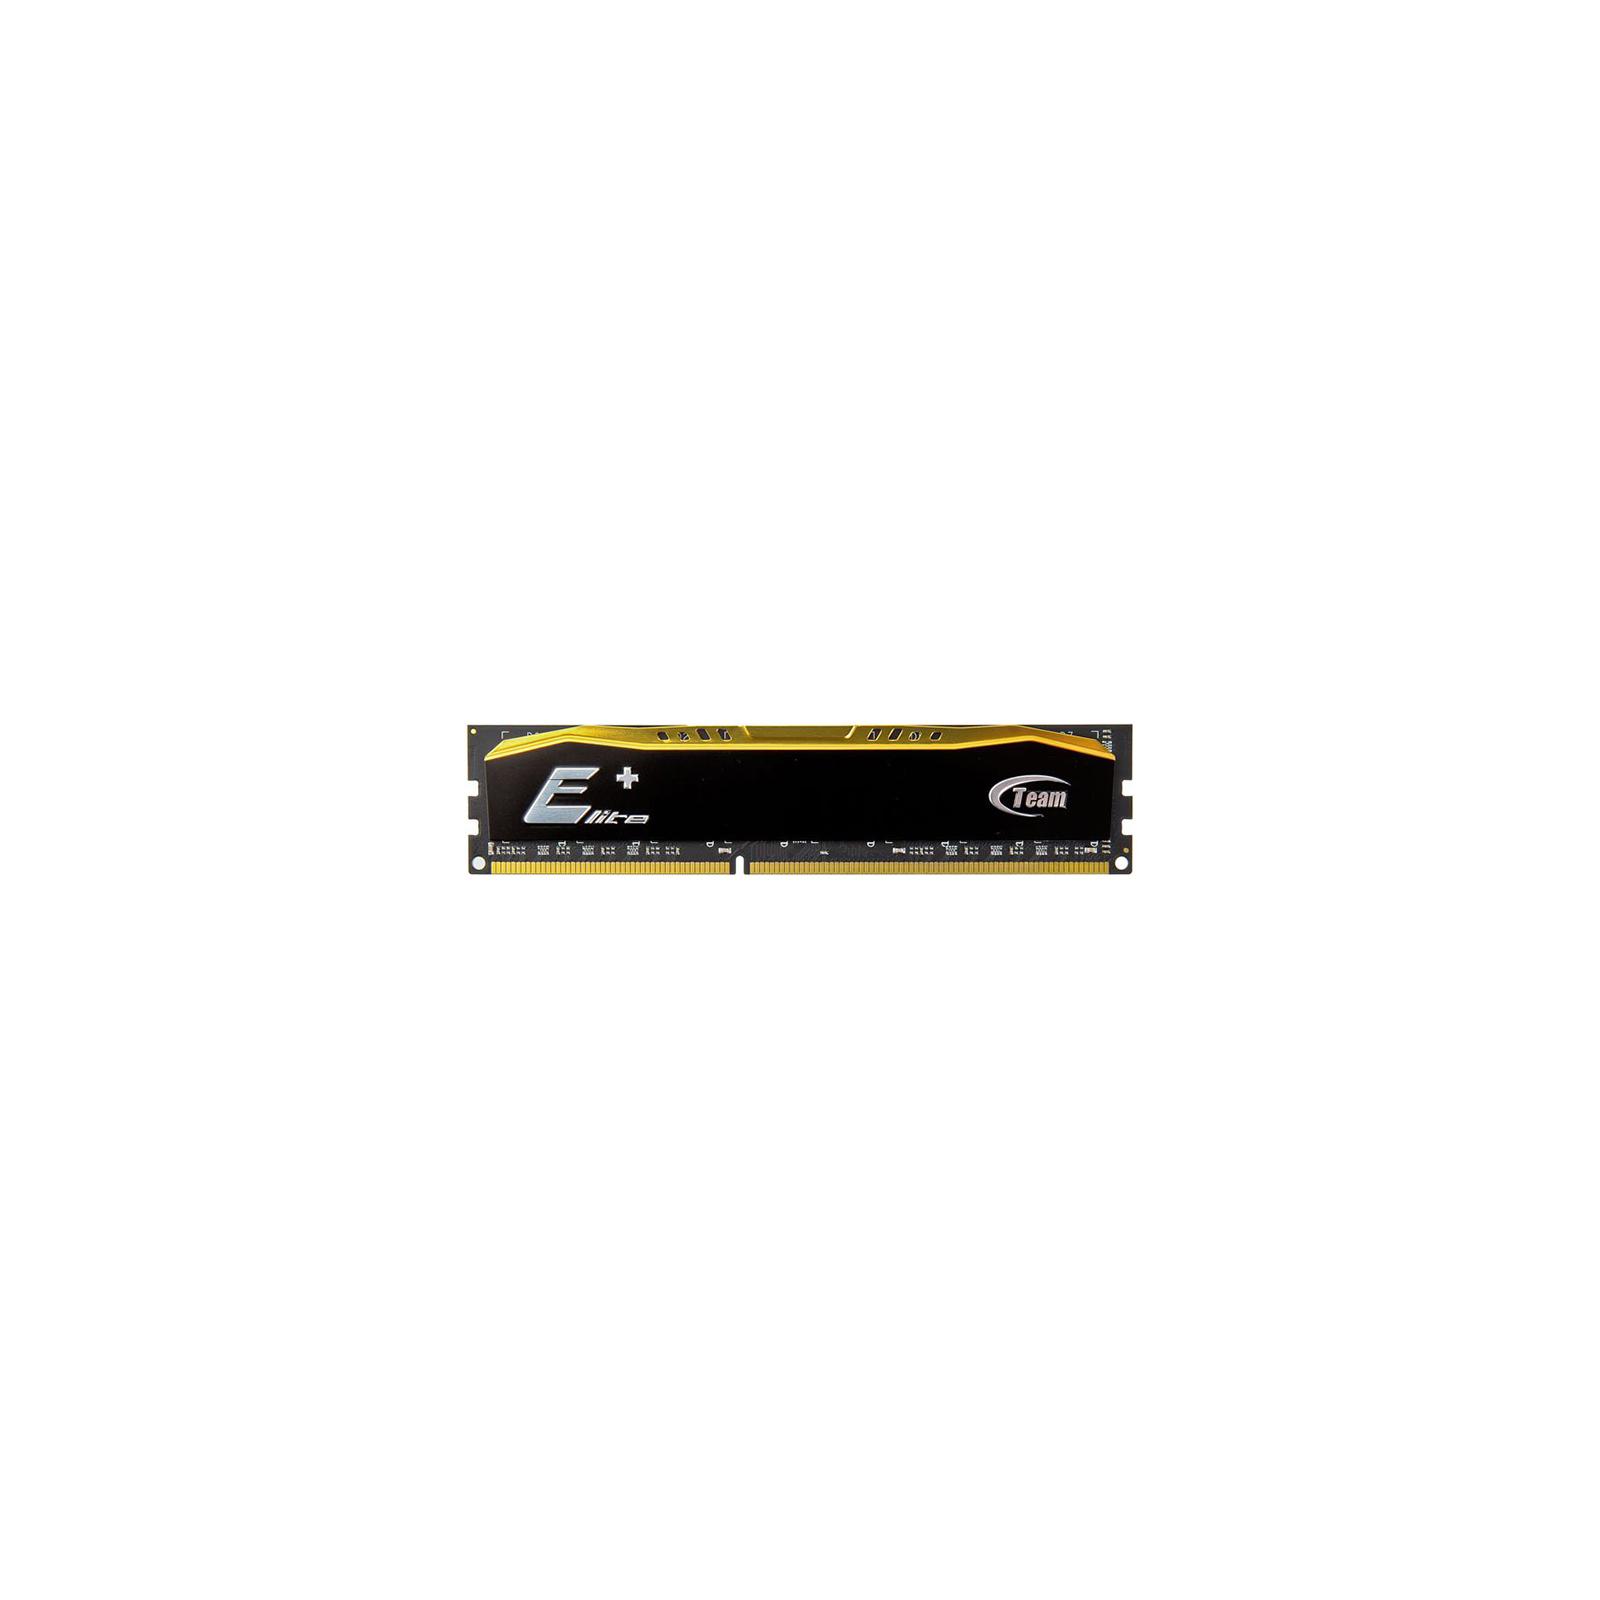 Модуль памяти для компьютера DDR4 8GB 2400 MHz Elite Team (TPD48MG2400HC1601)